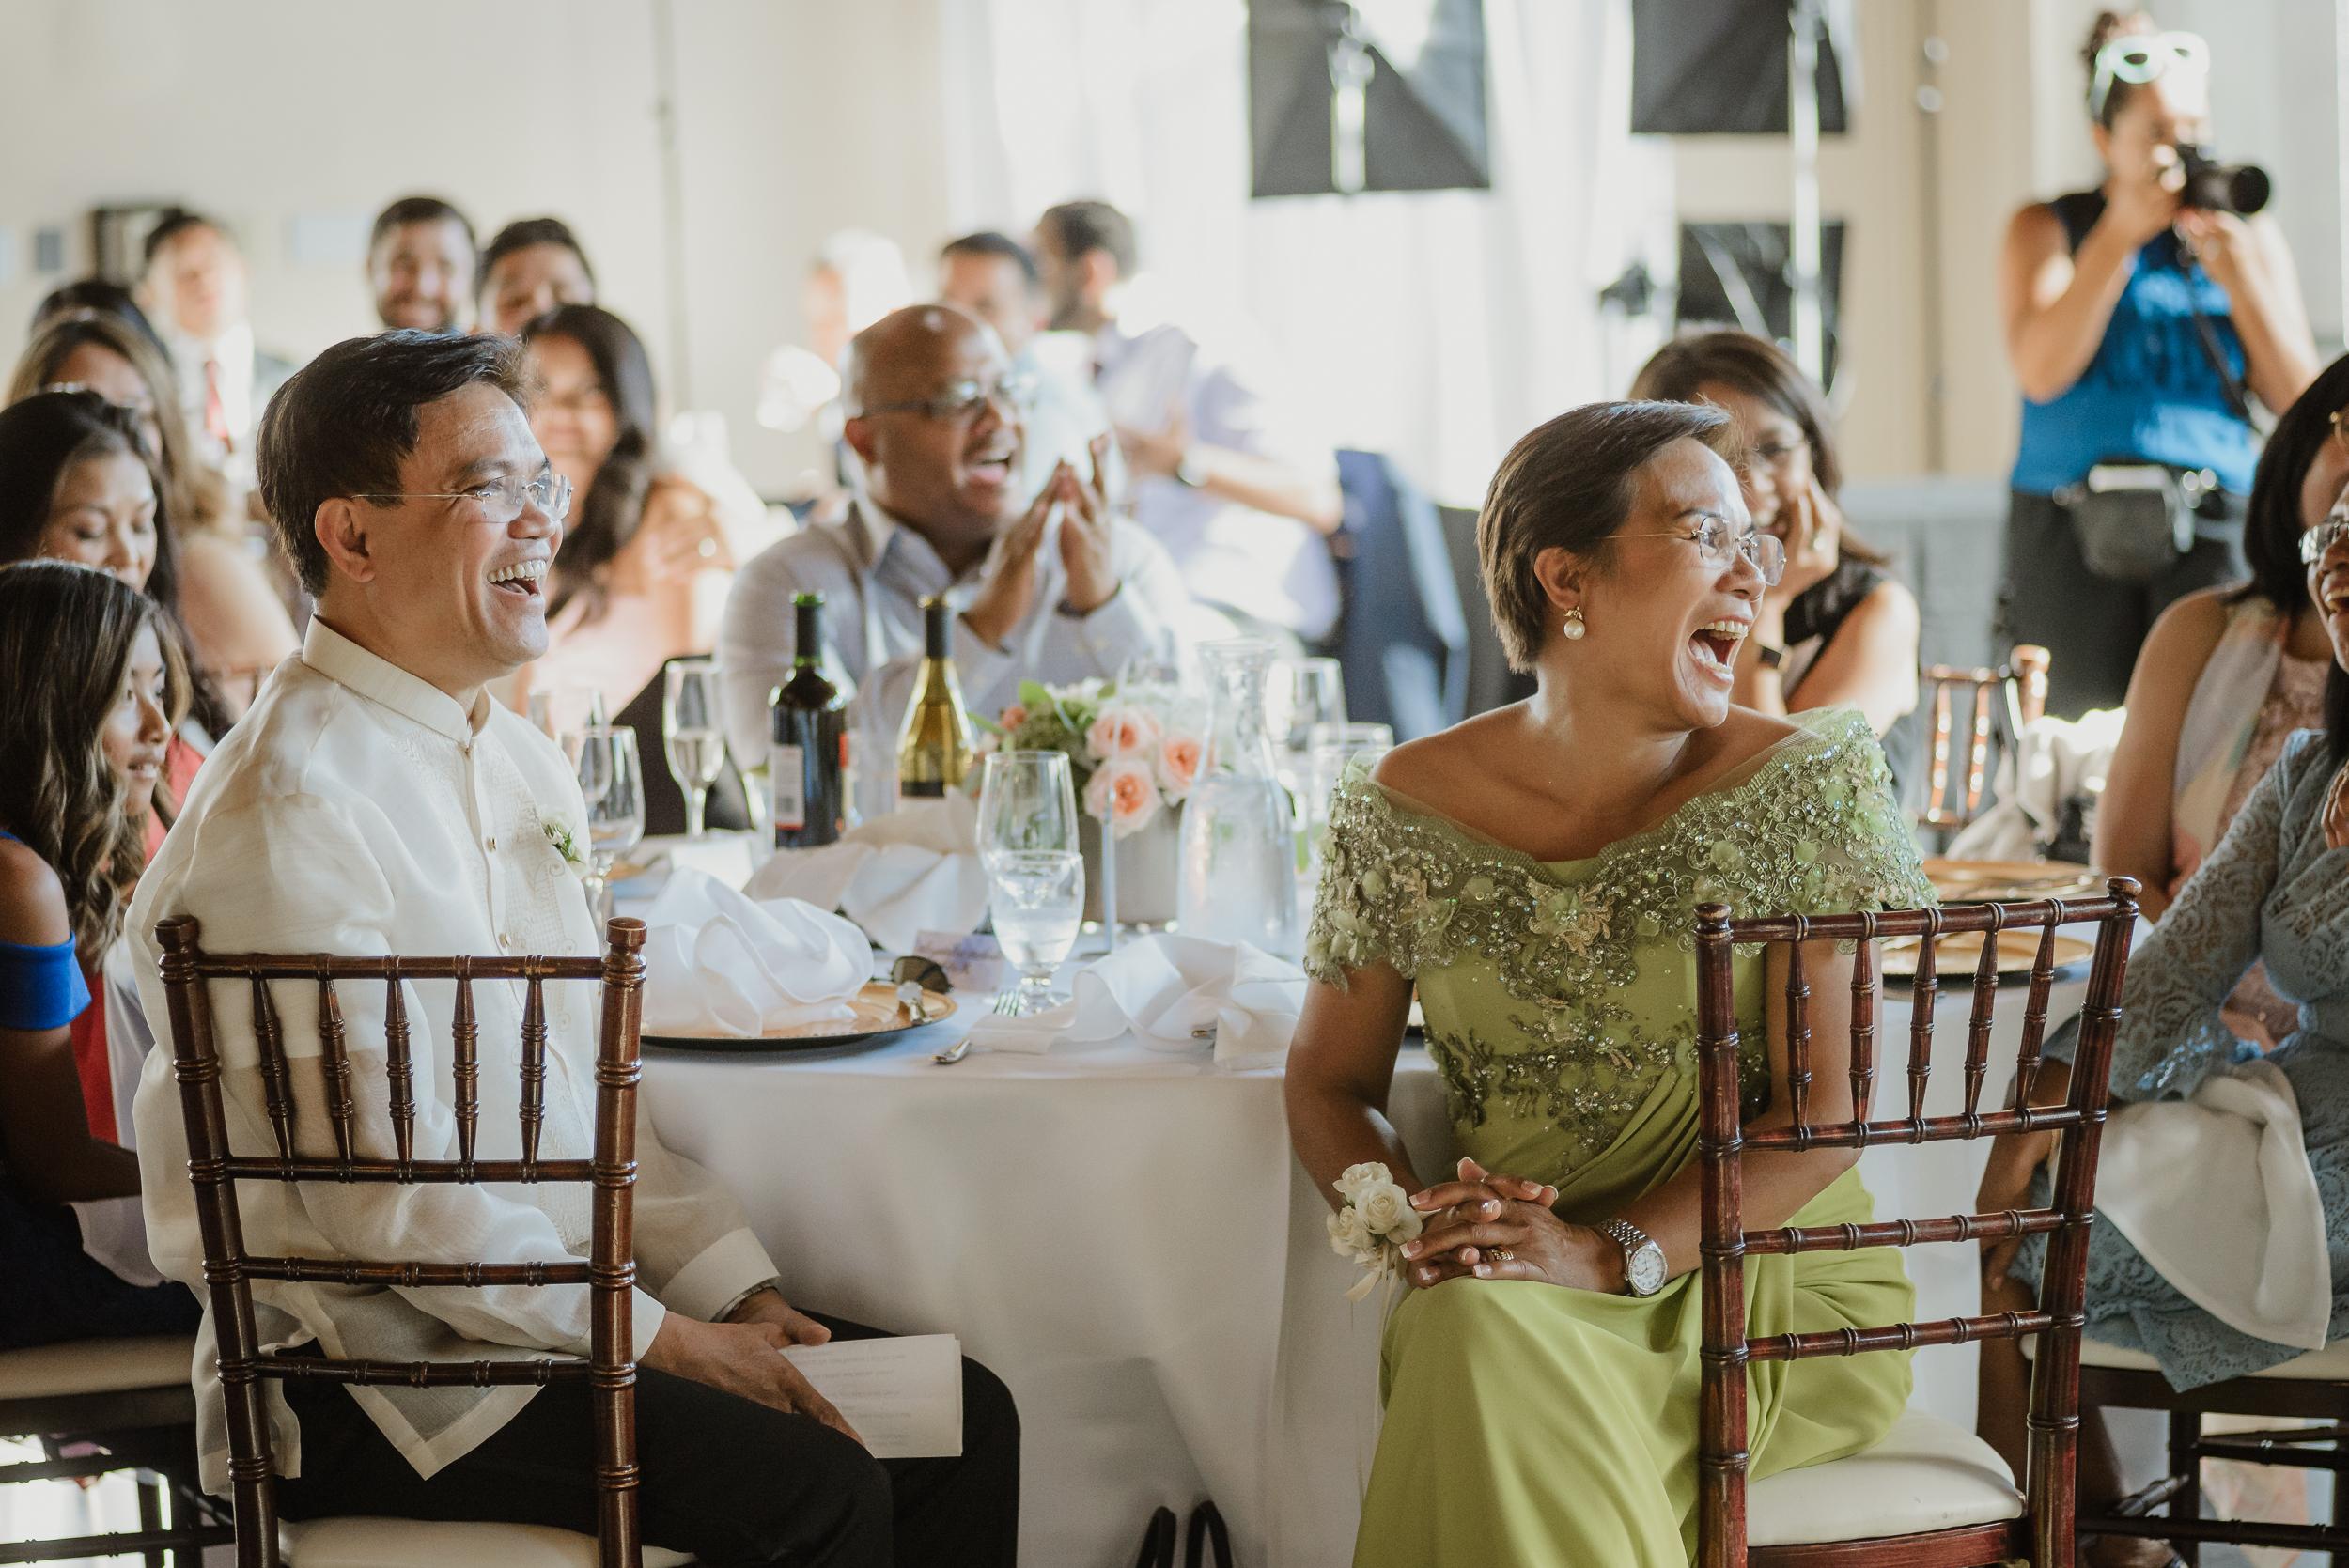 47-bridges-golf-club-wedding-vivianchen-522.jpg